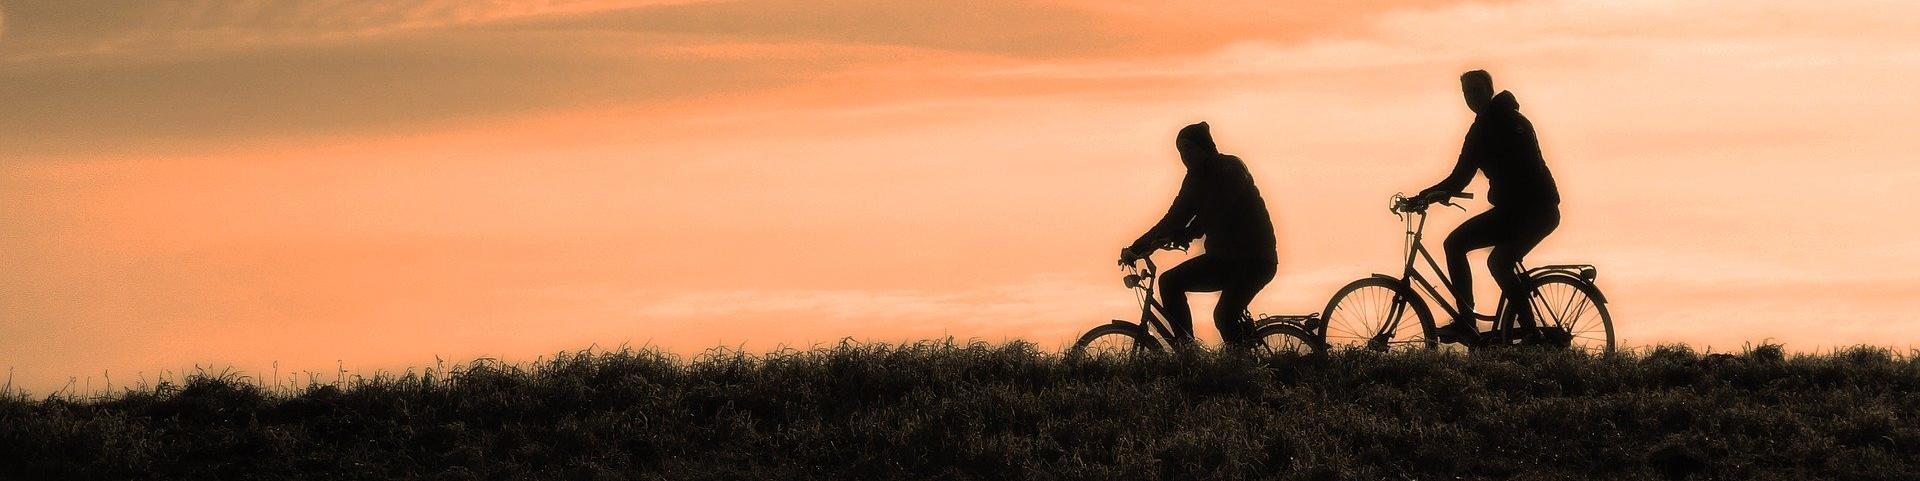 Radler*innen vor Sonnenuntergang _MABEL_AMBER.jpg